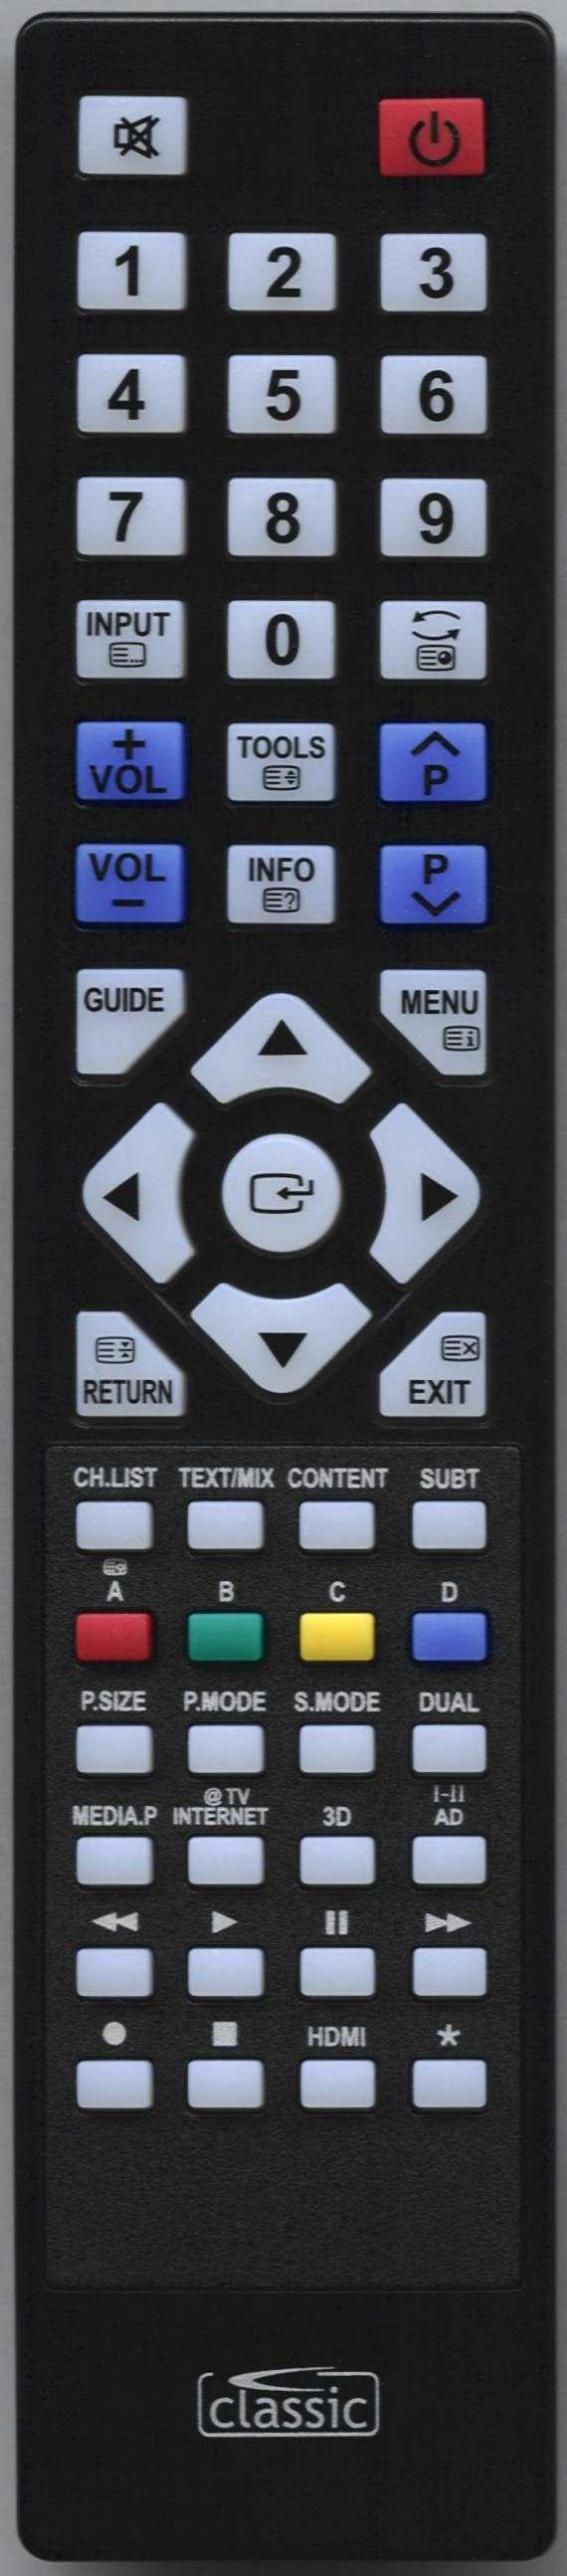 SAMSUNG LE32C450E1W Remote Control Alternative